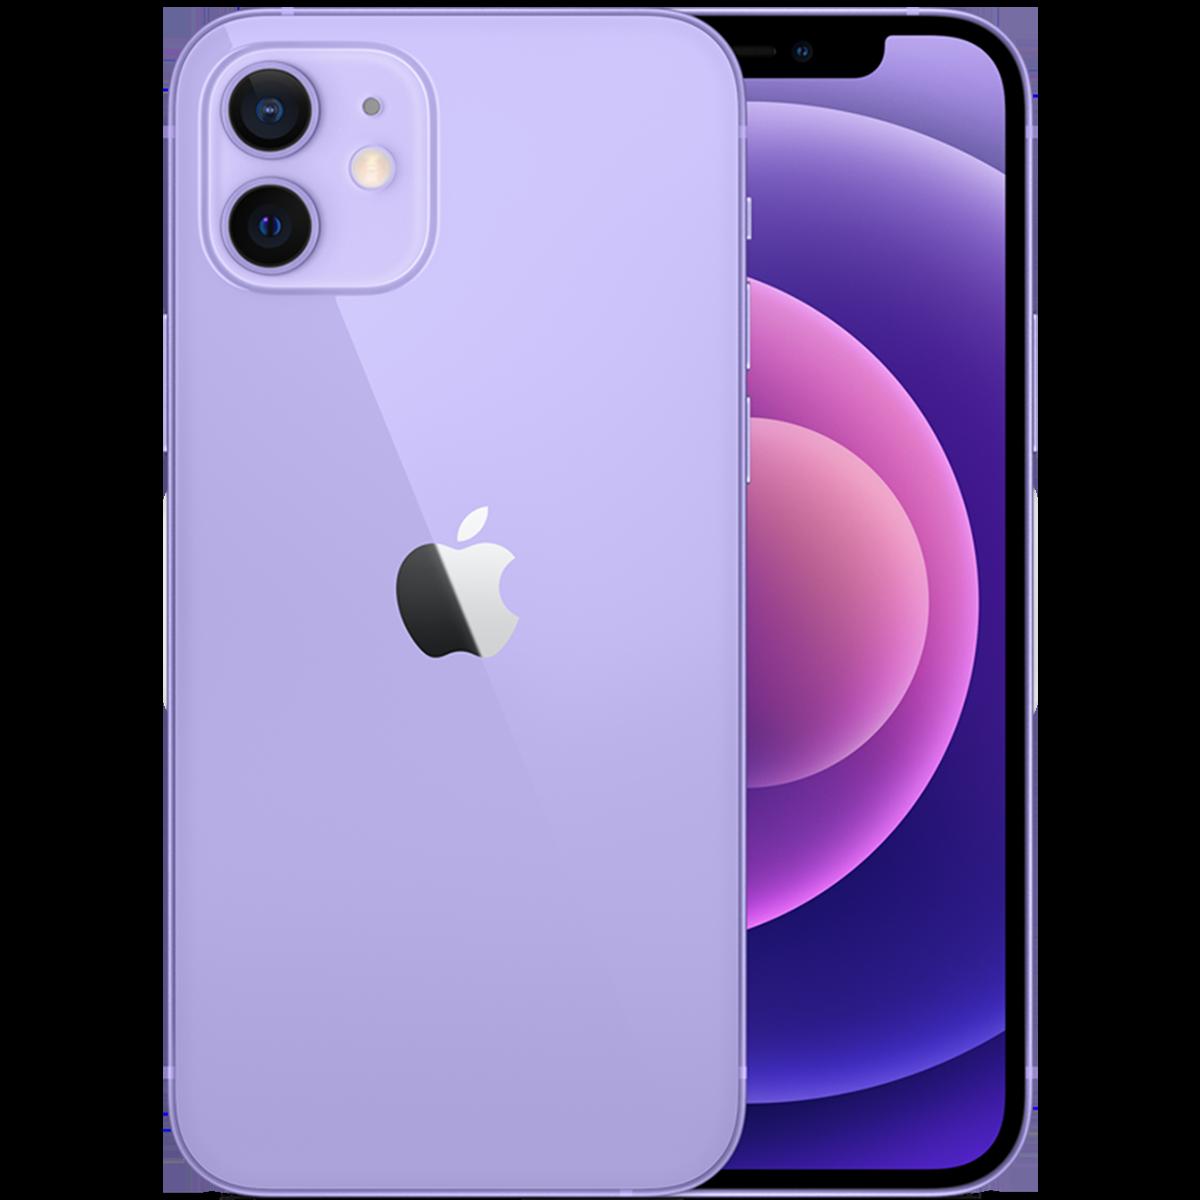 New Apple iPhone 12